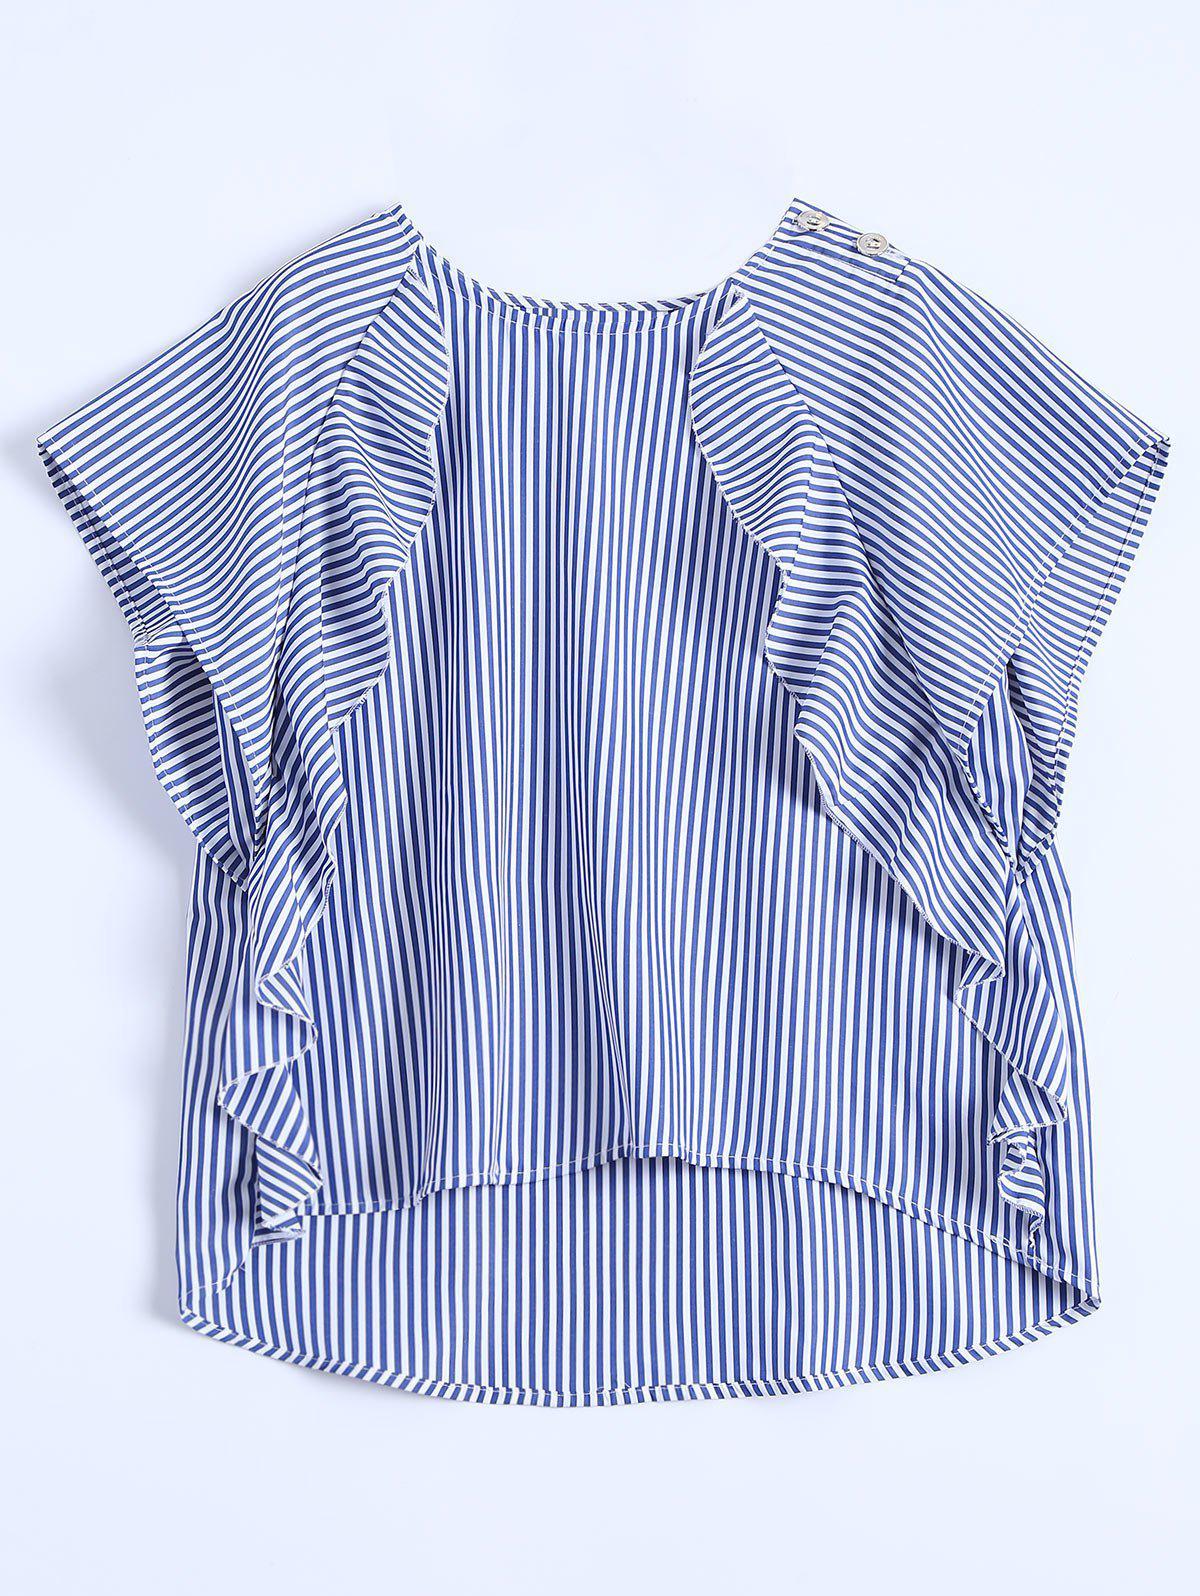 Gestreifte Bluse mit Rschen und hohem niedrigem Saum